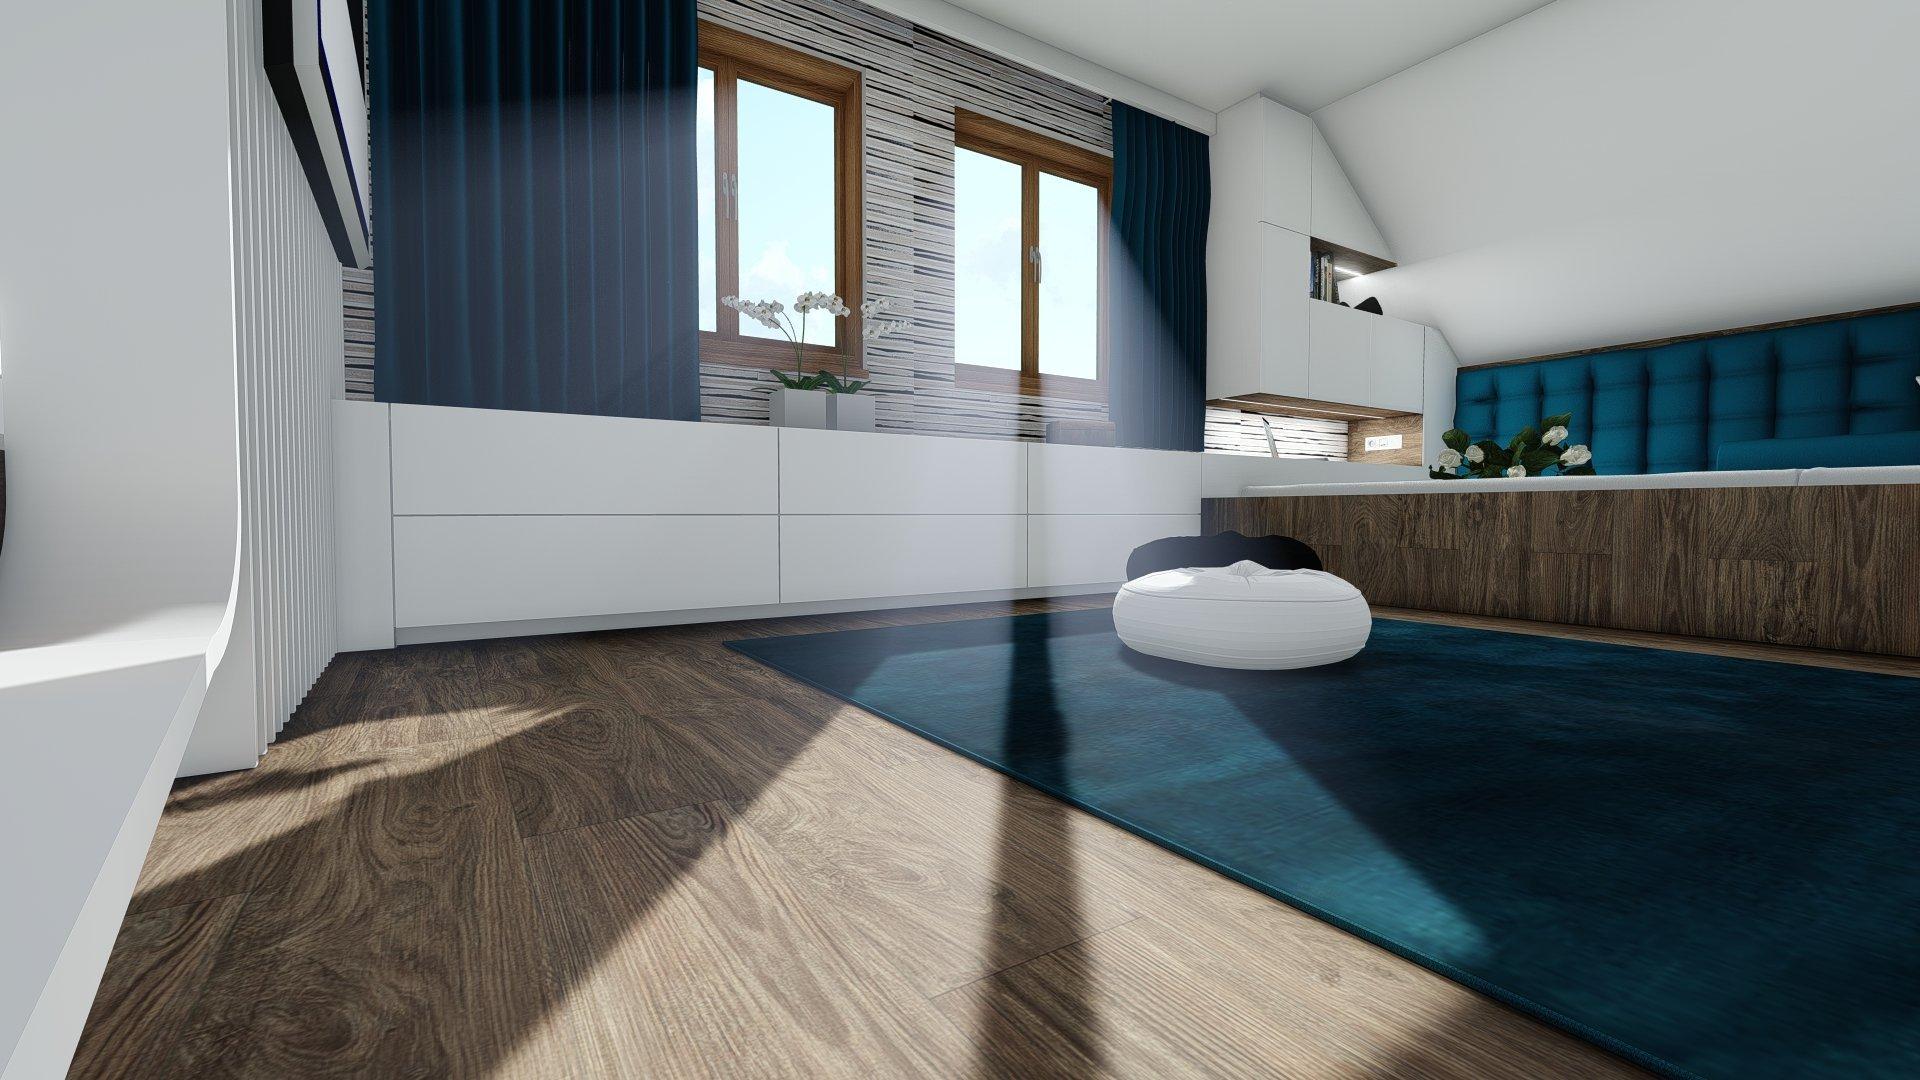 Návrh interiéru srubu v Loučné pod Klínovcem přináší velkou část celé realizace zhotovené na zakázku. Jedná se o zajištění potřeb dostatečných spacích ploch…